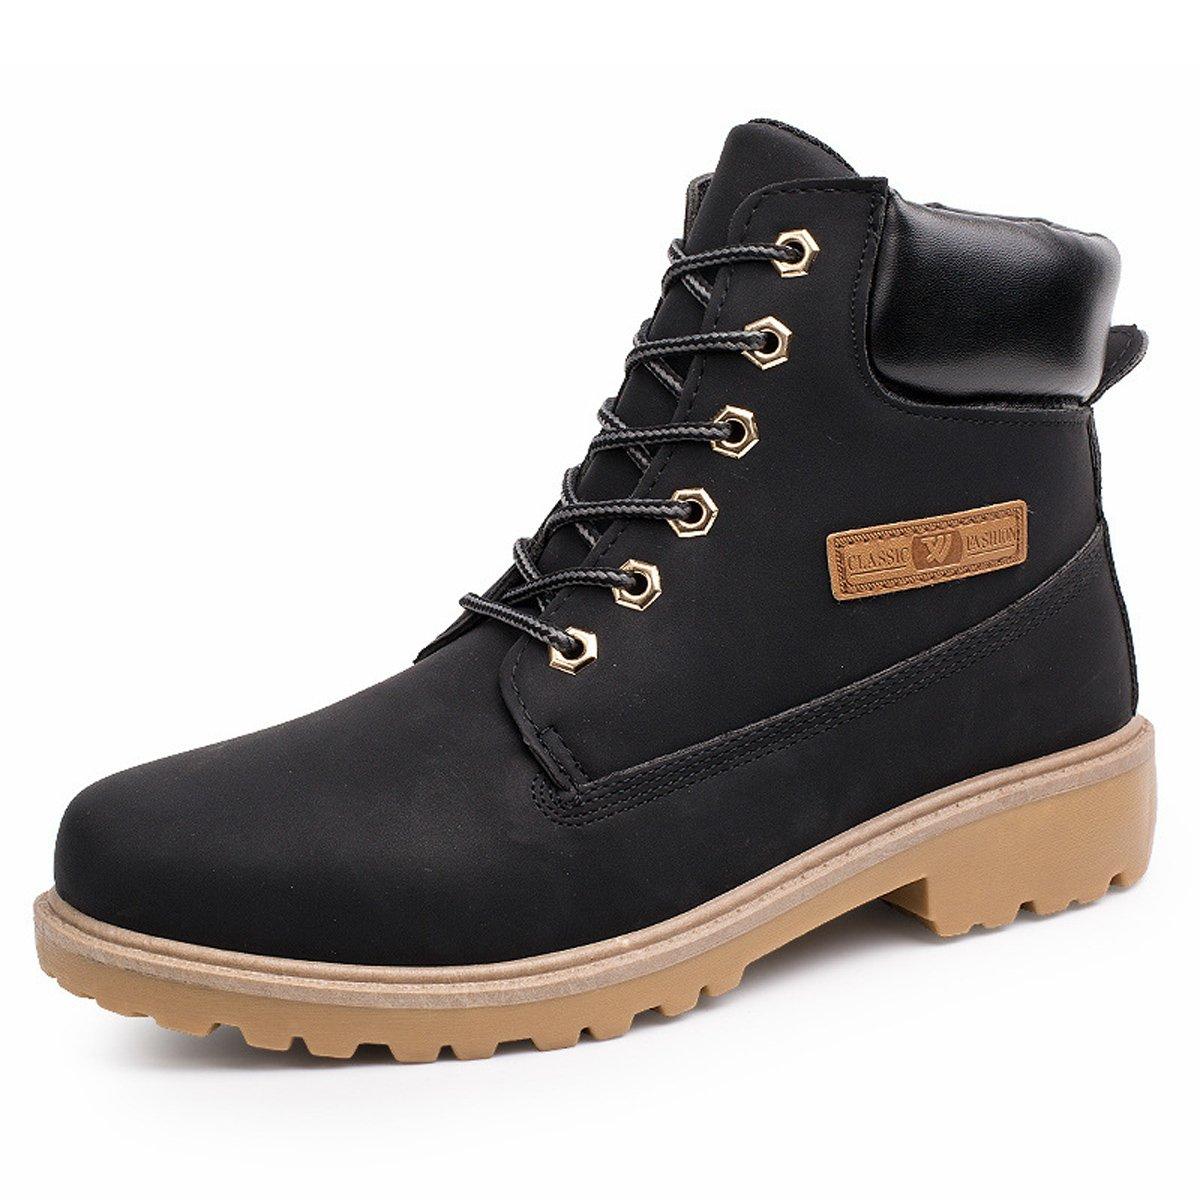 8125796398d71b Santimon Herren Damen Leder Schnüren Sich oben Arbeit Desert Boots Stiefel  Stiefeletten Outdoor Schuhe Grün 44